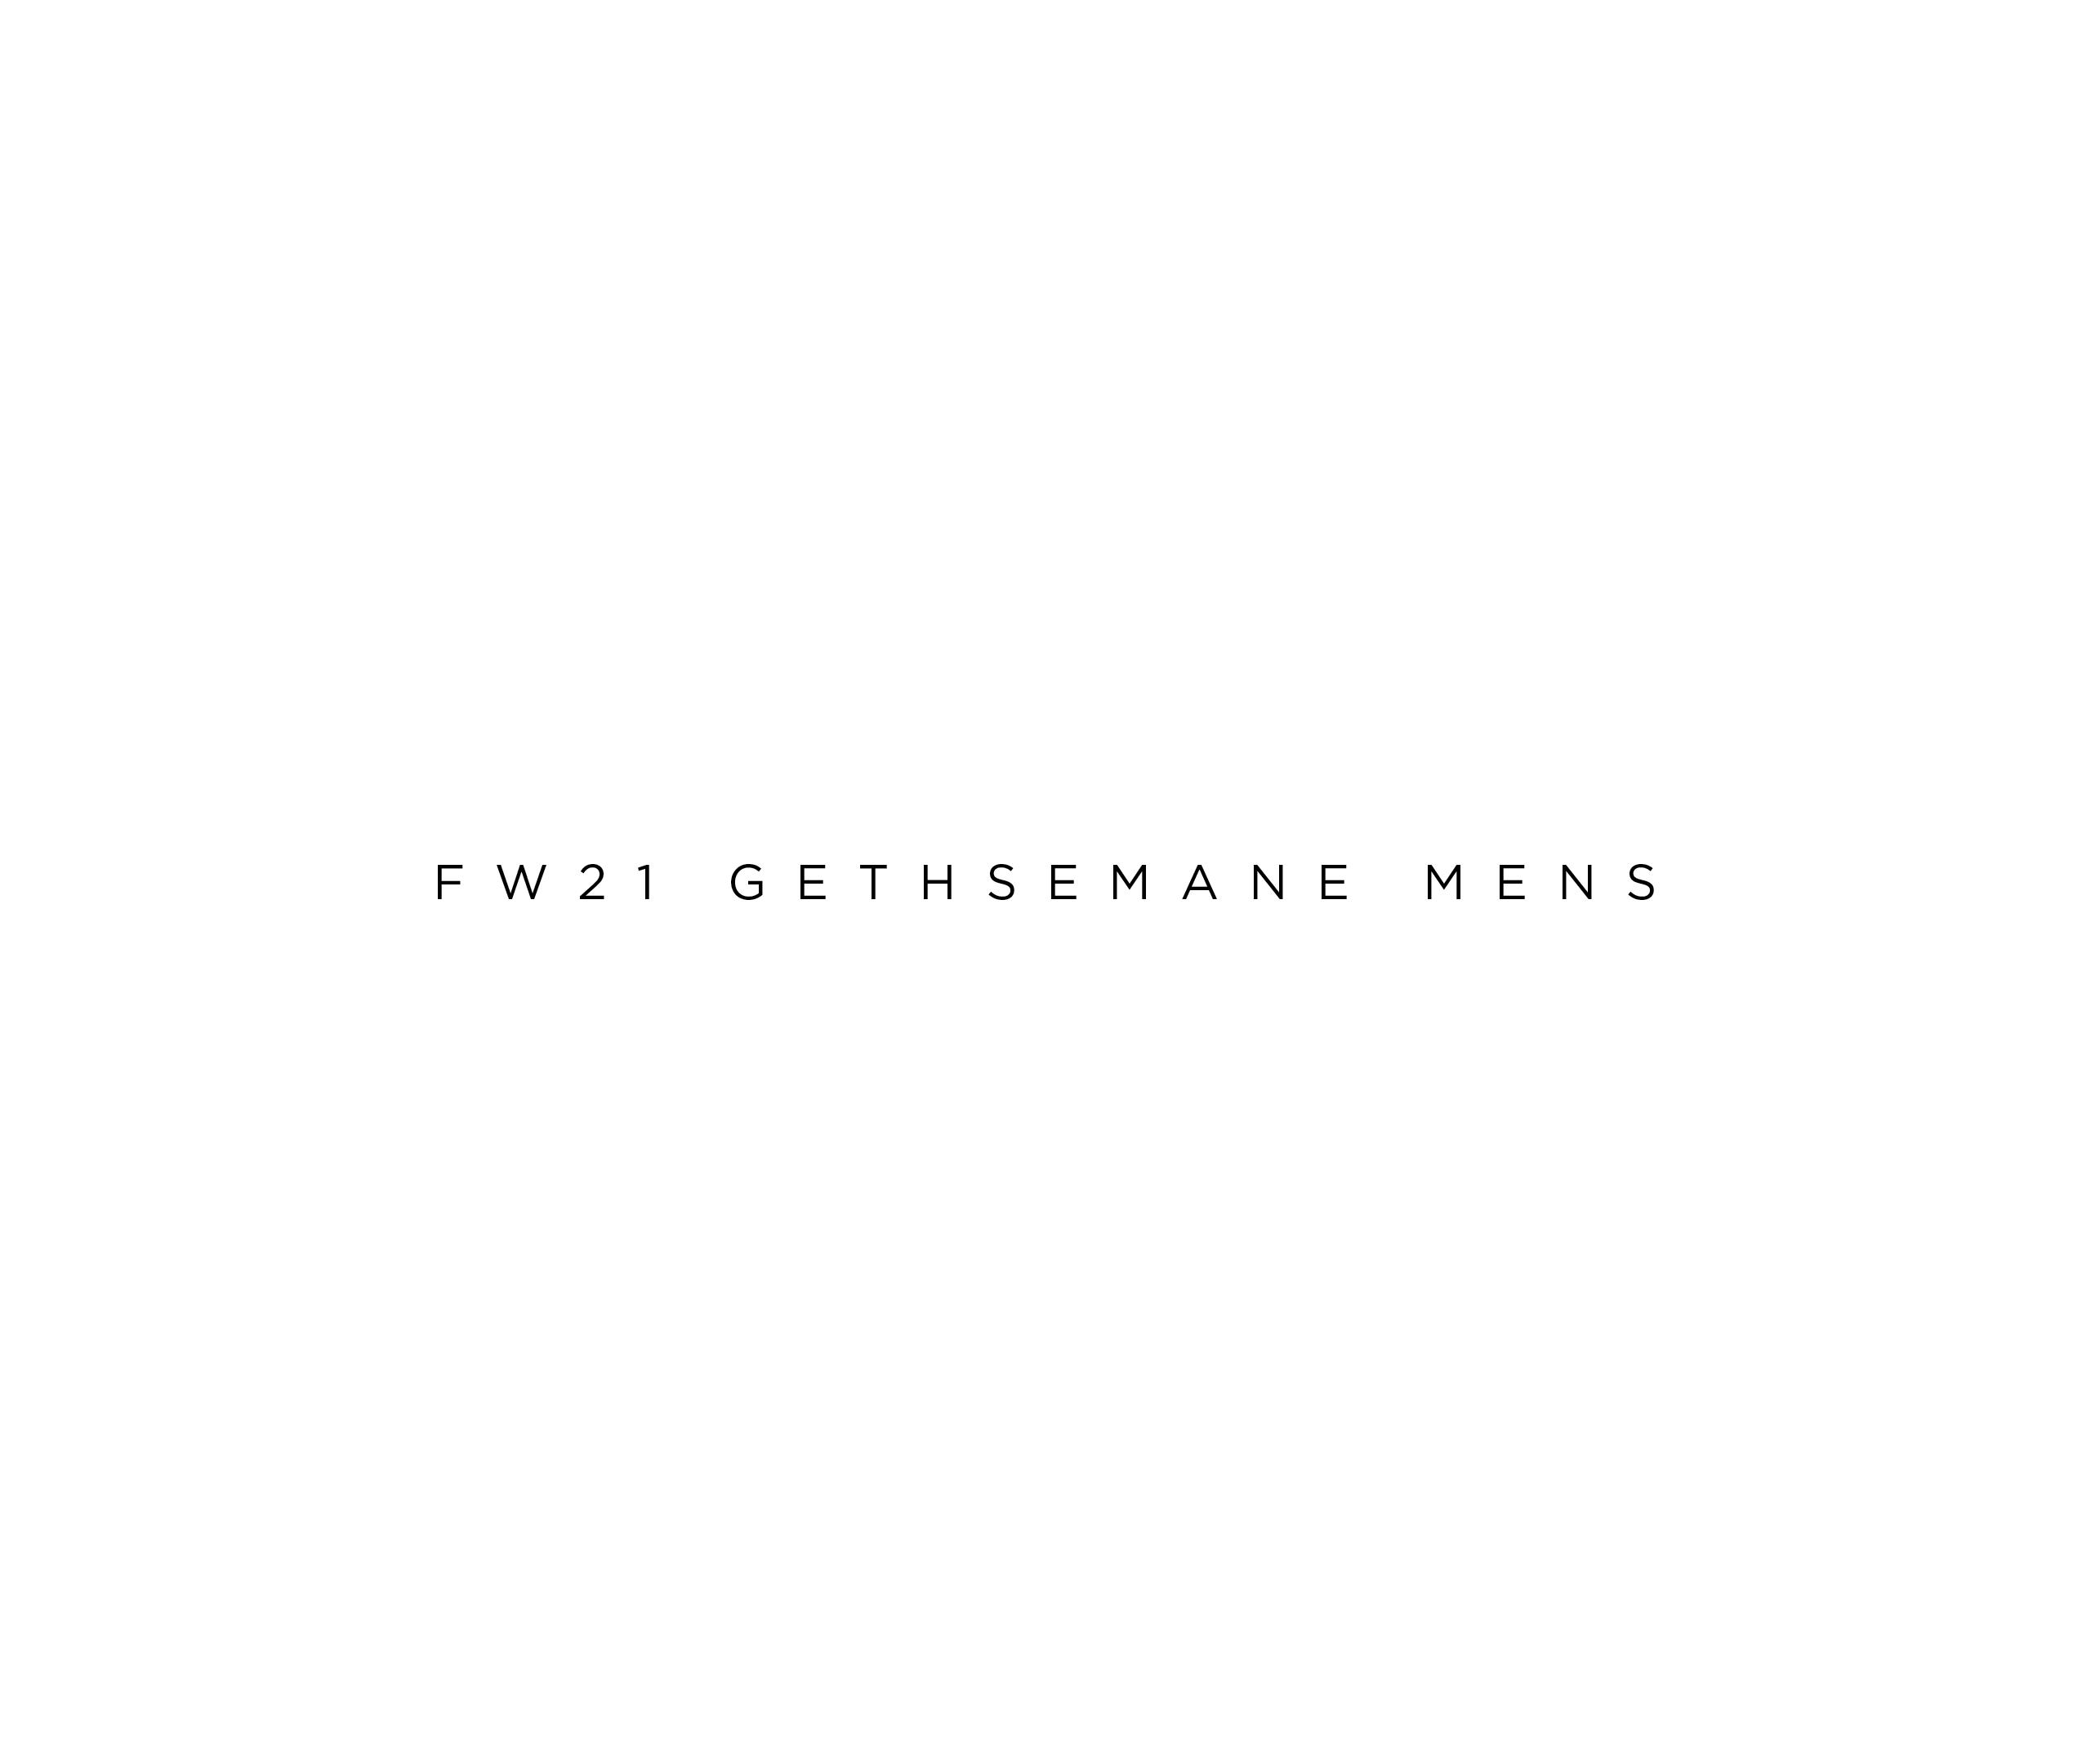 Fw21 gethsemane mens